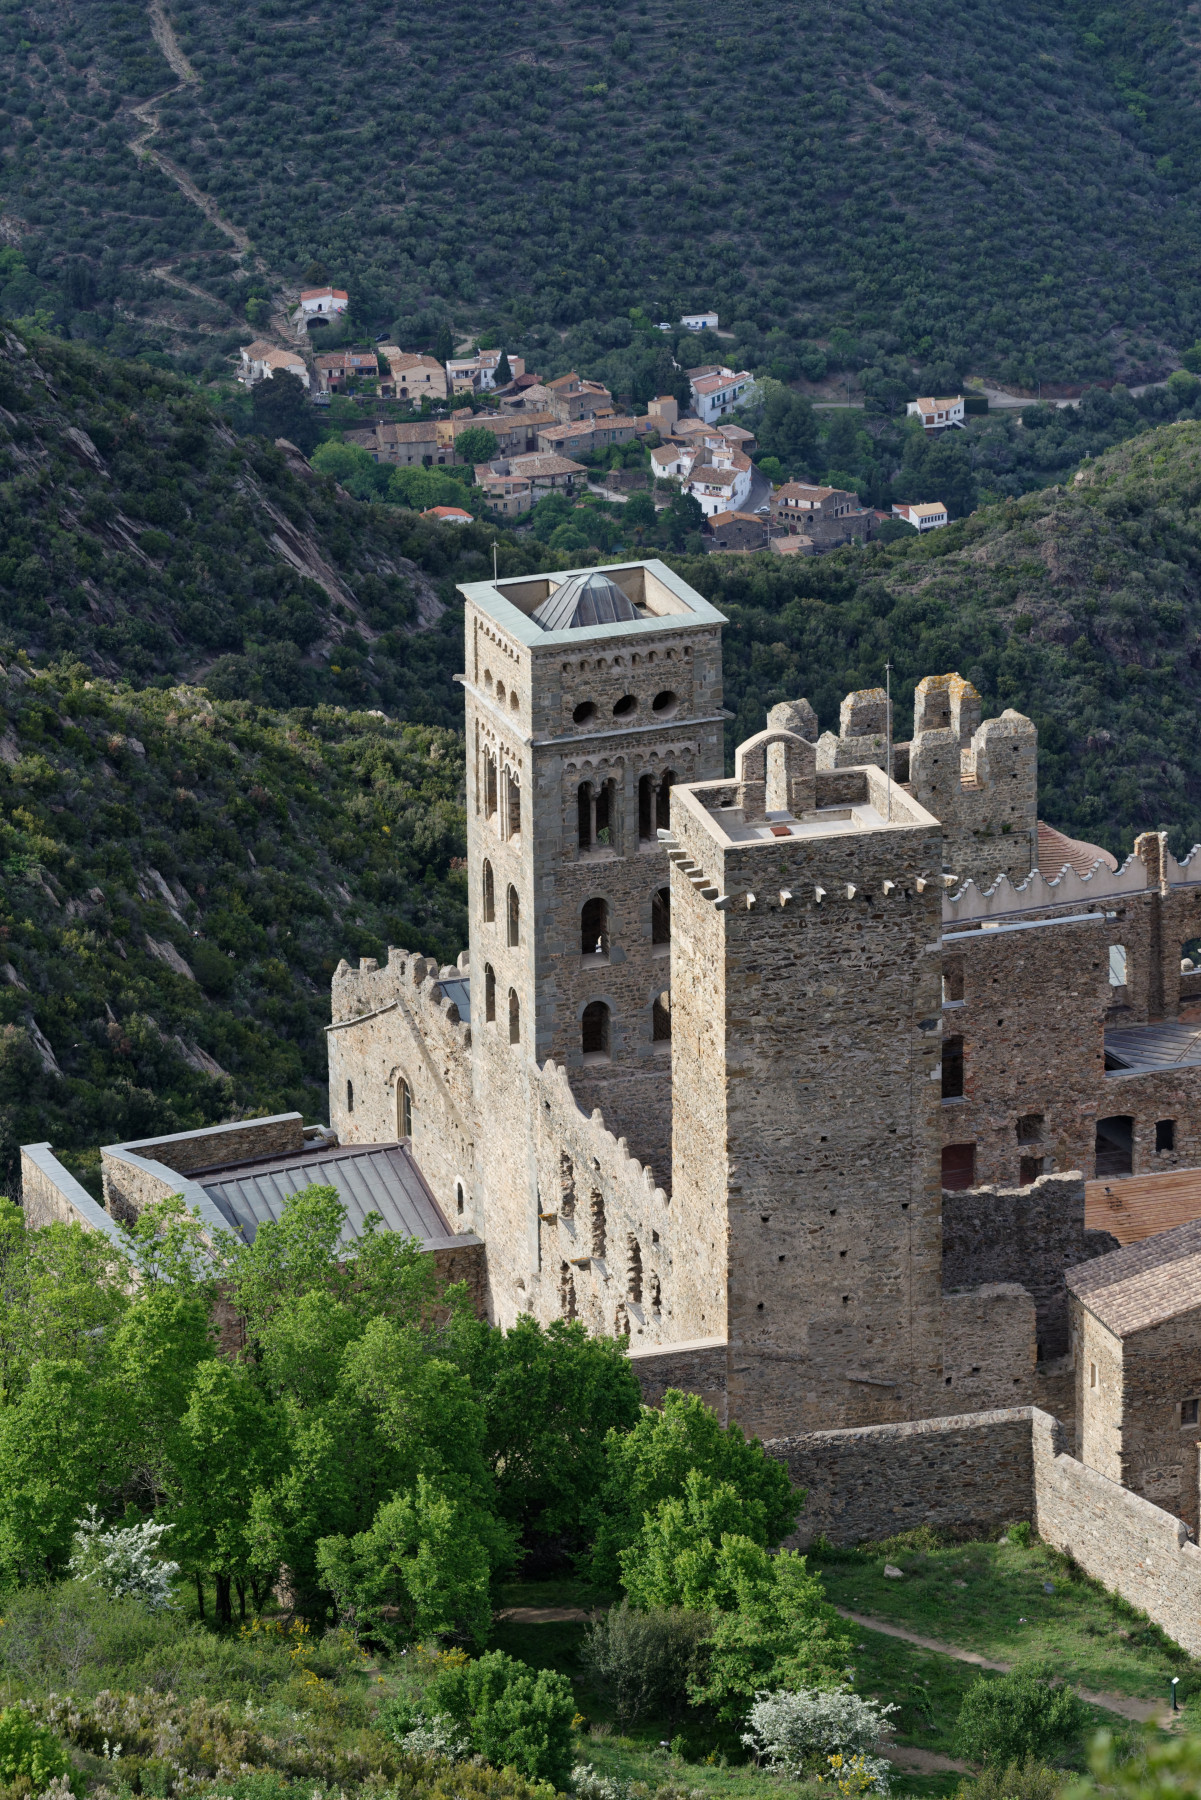 180430-3-Monestir de sant Pedre de Rodes (37) (Catalogne-Espagne)